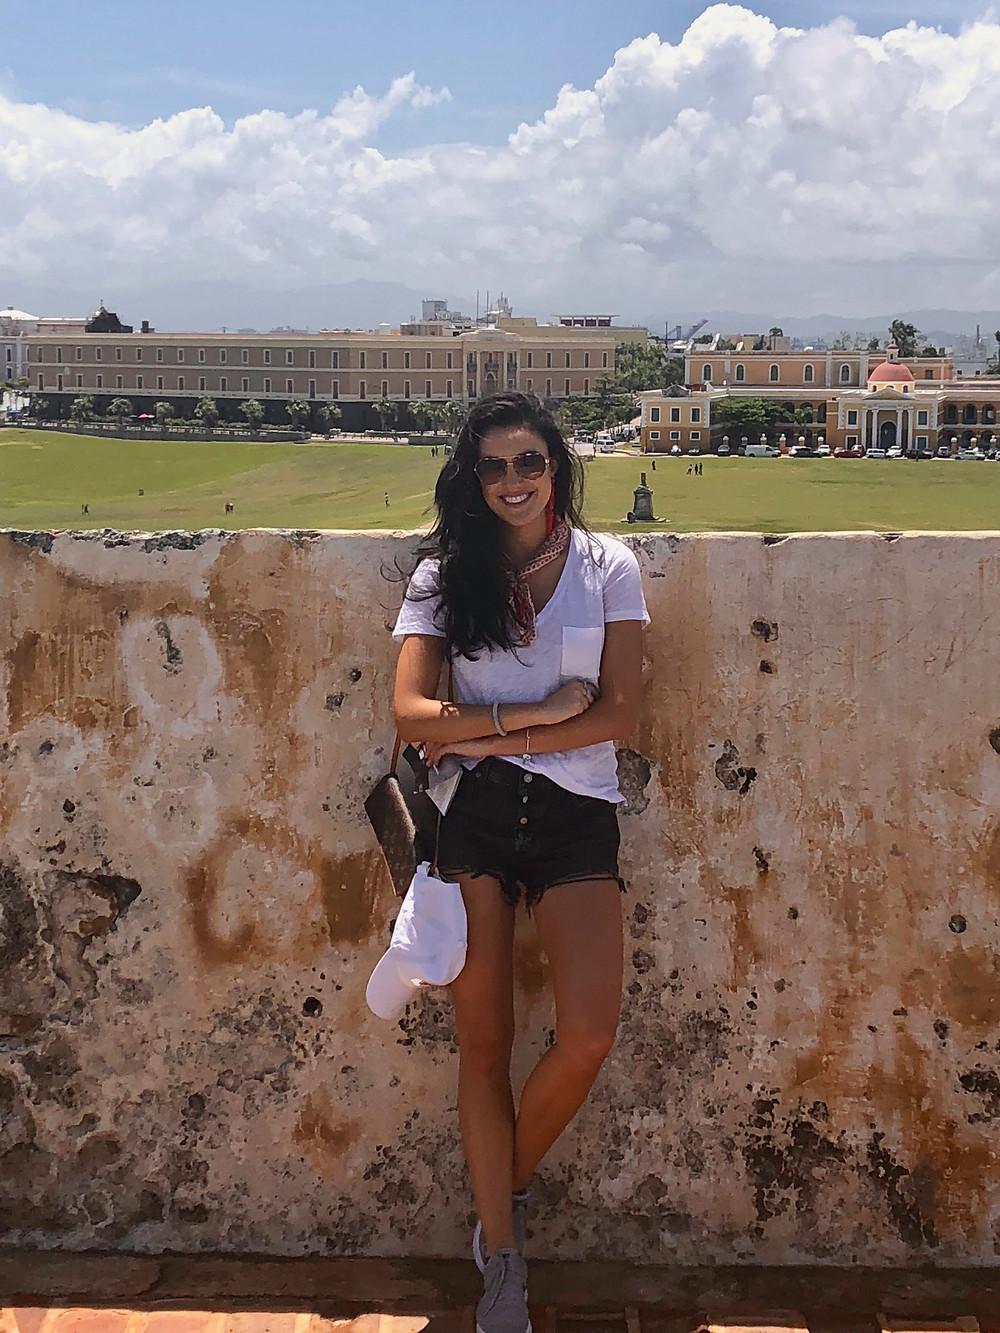 Puerto Rico, El Morro